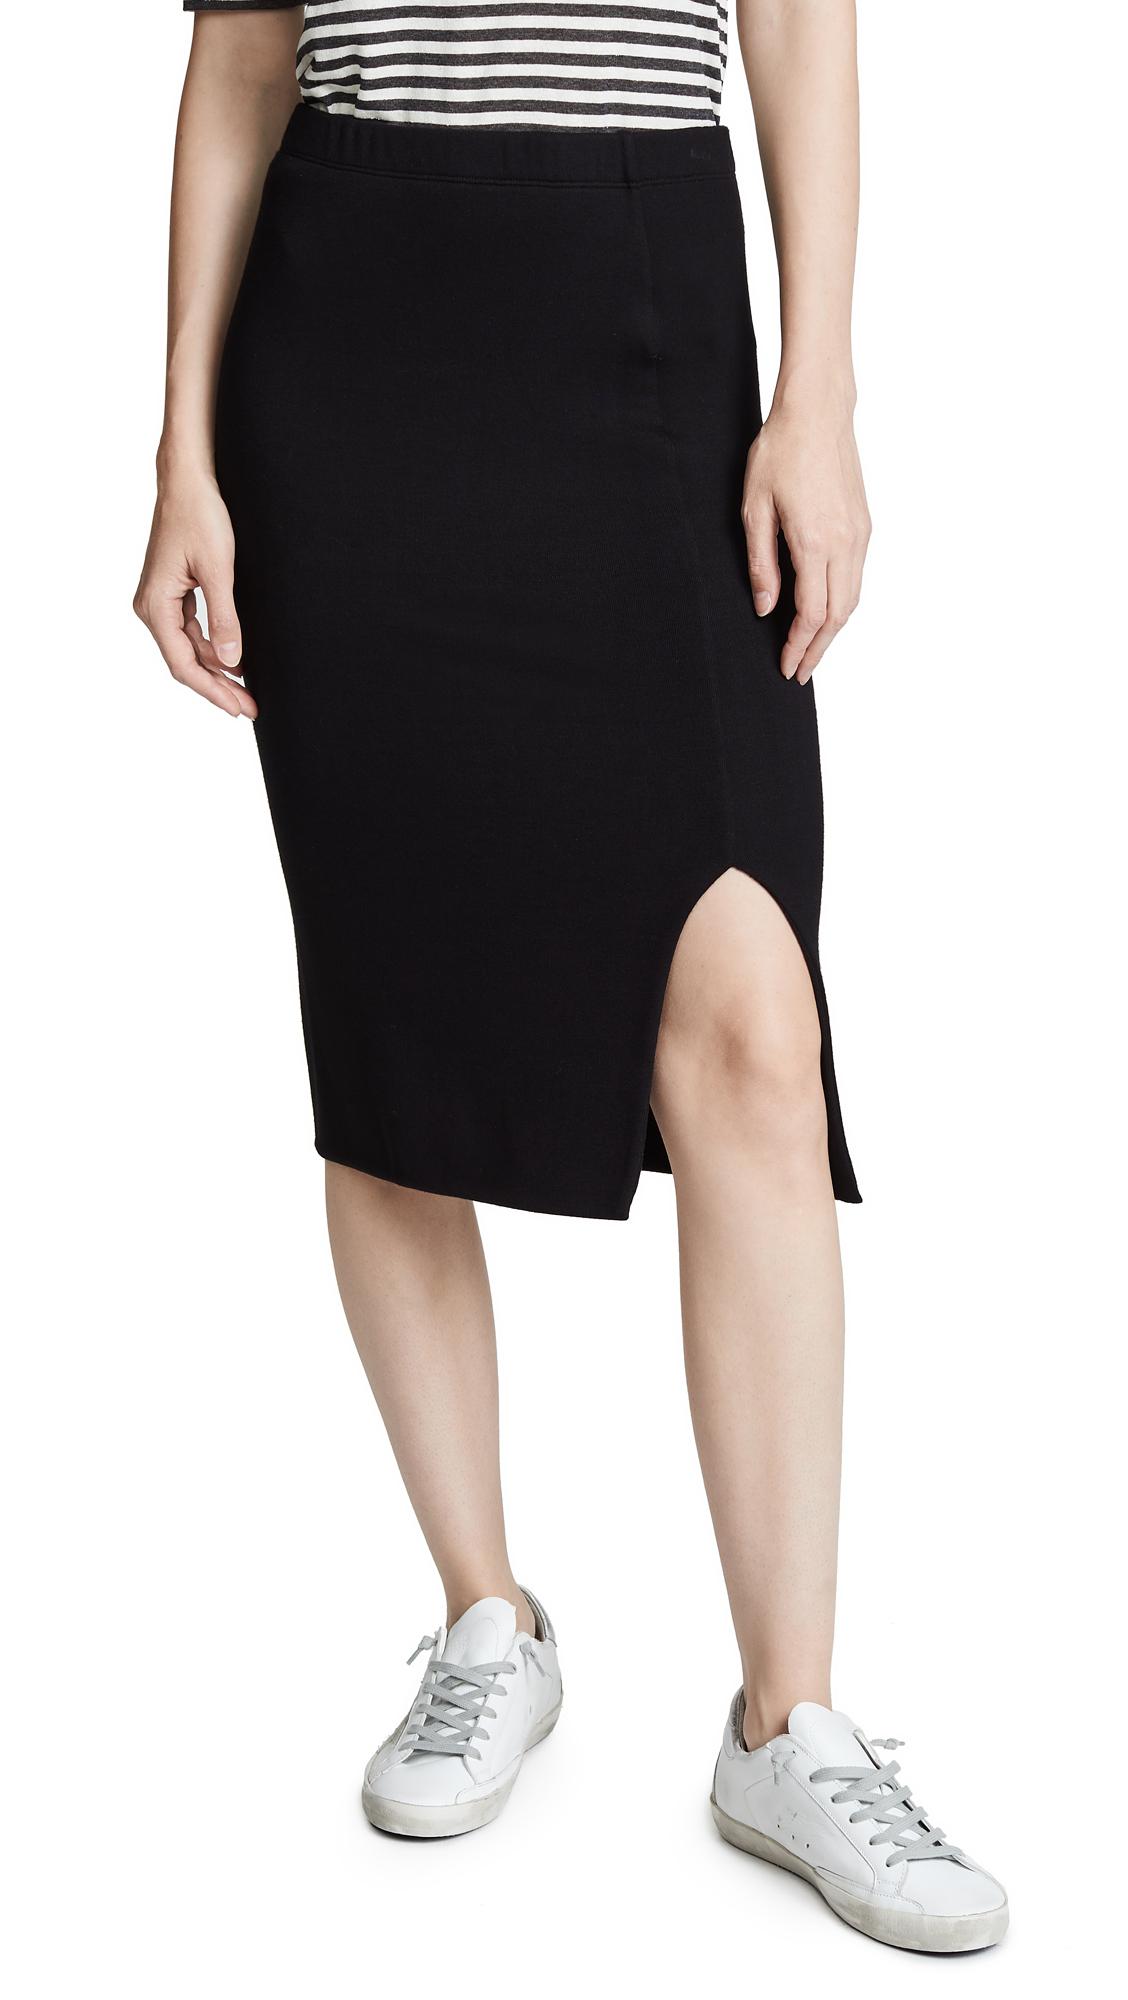 Three Dots Pencil Skirt - Black